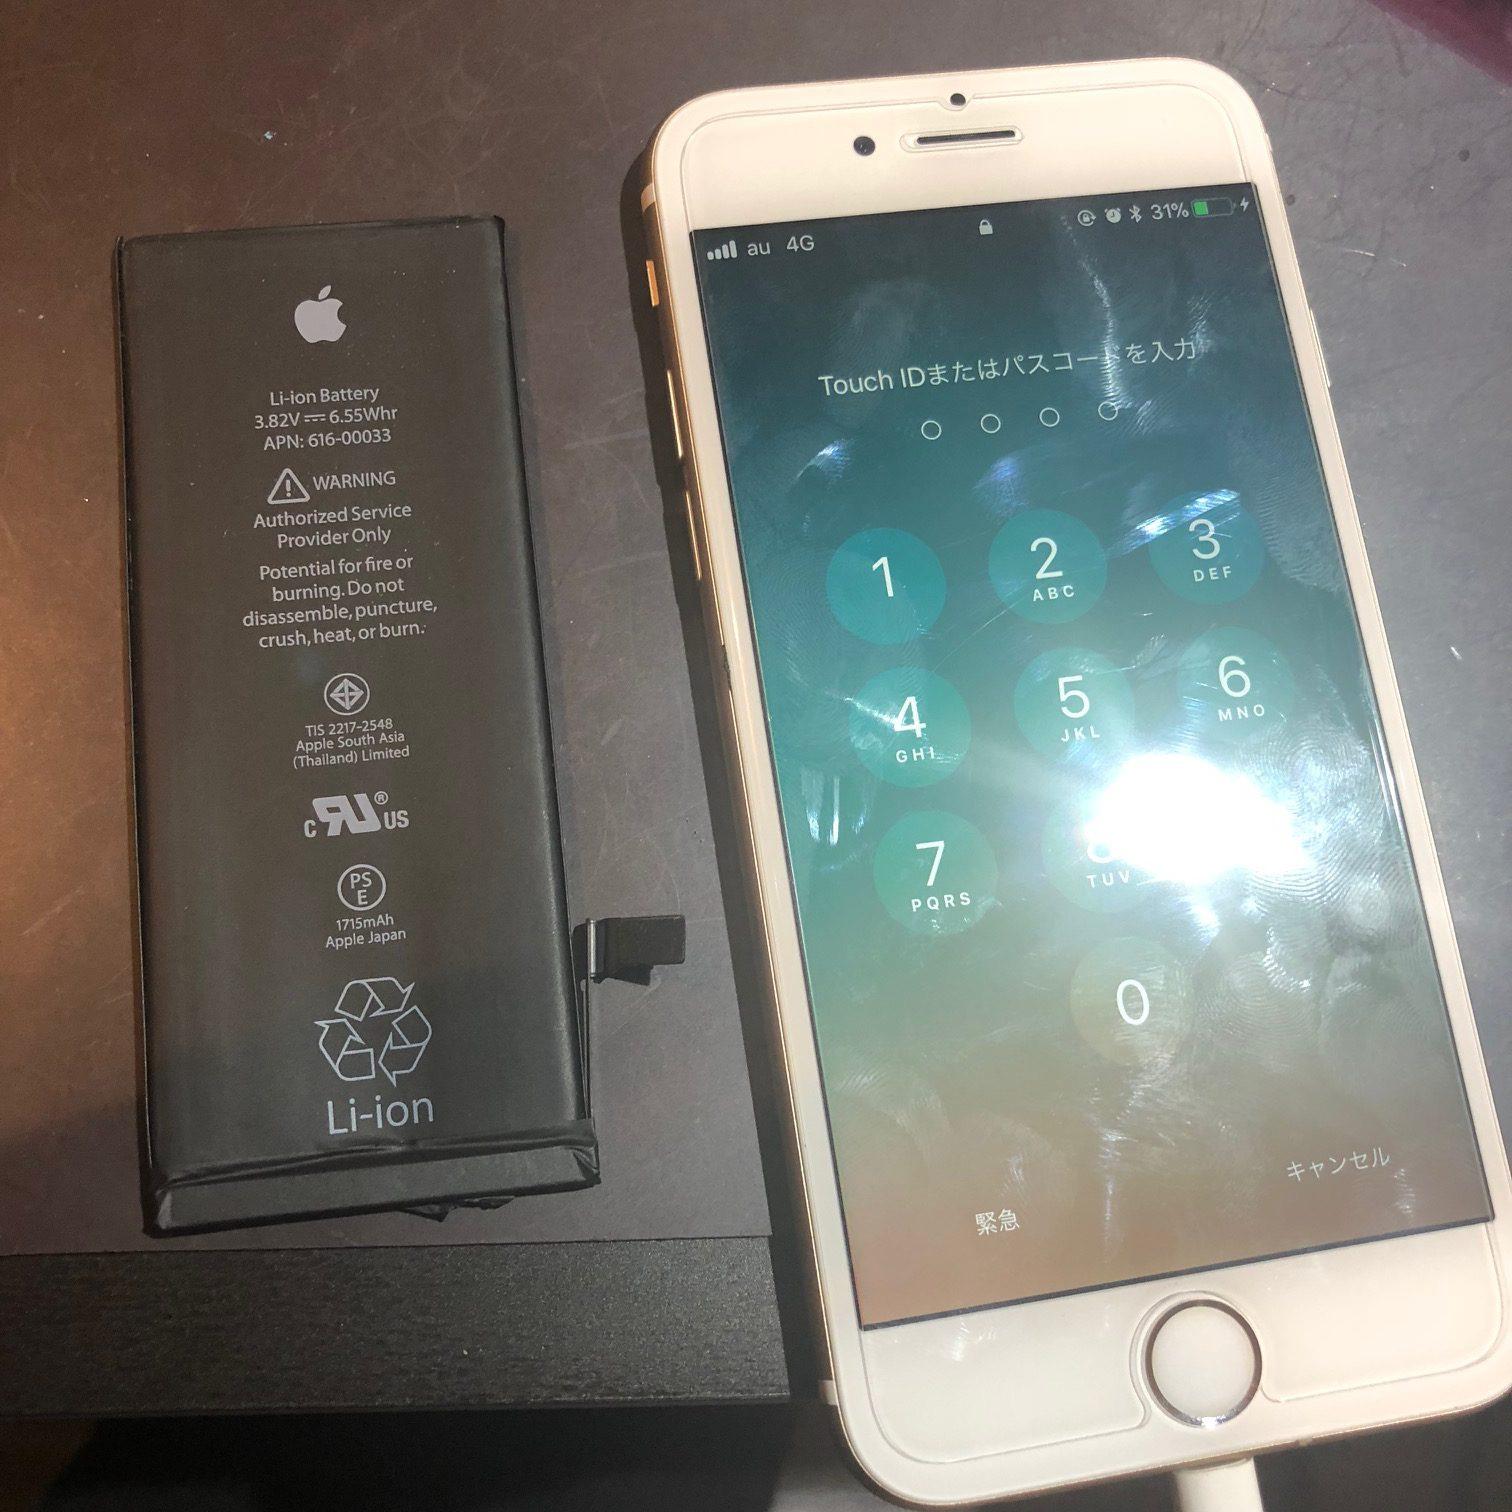 iphone6Sのバッテリーの減りがおかしい!!<尼崎市よりお越しのお客様>バッテリー交換をするだけで改善できます!スマートクールつかしん店でデータそのまま即日修理しましょう!